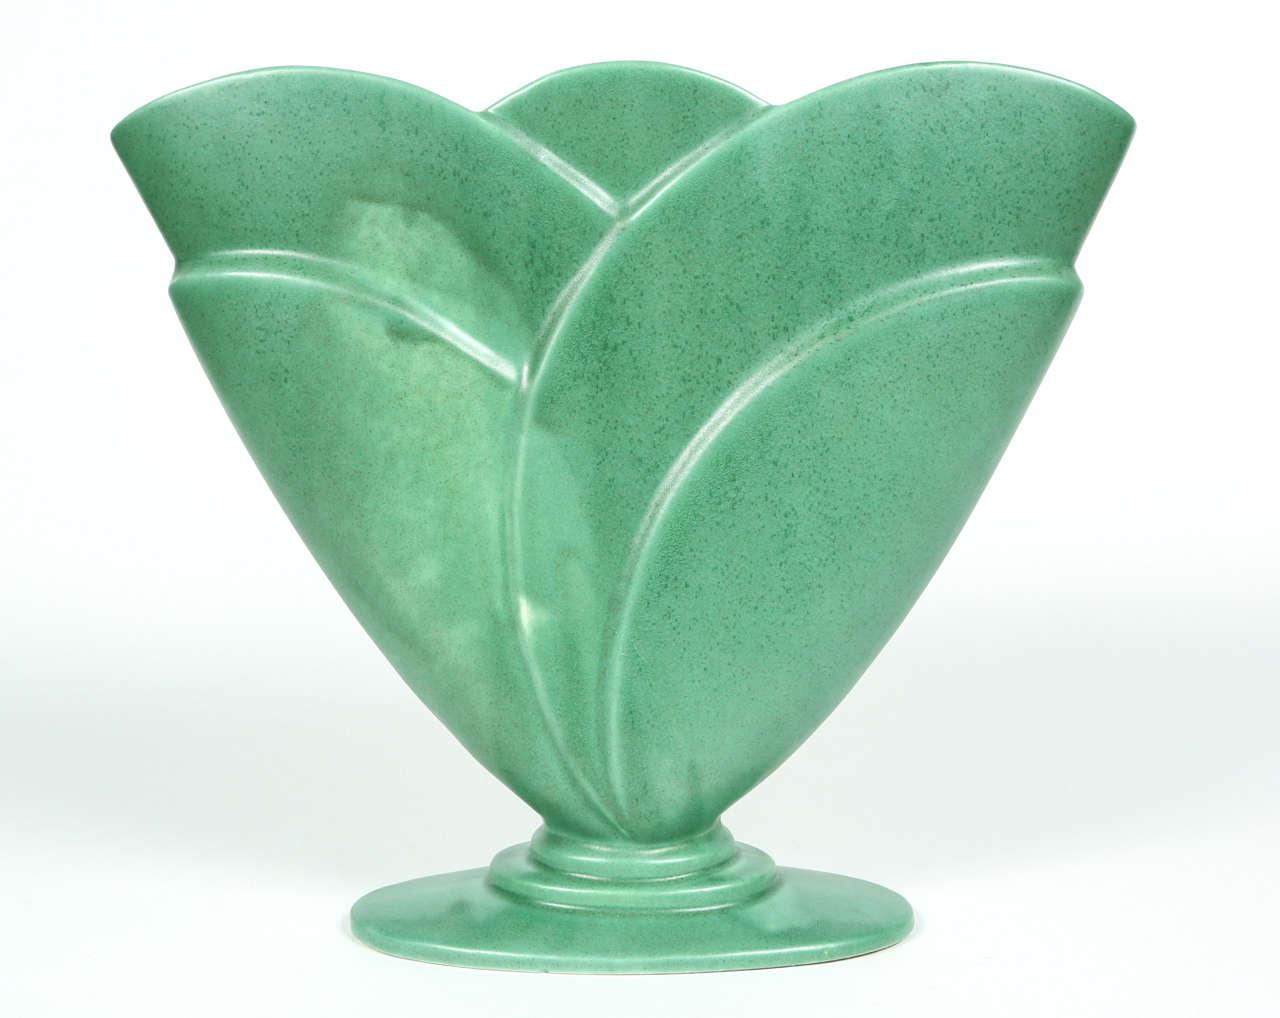 Royal haeger fan vase at 1stdibs vintage royal haeger green pottery fan vase reviewsmspy